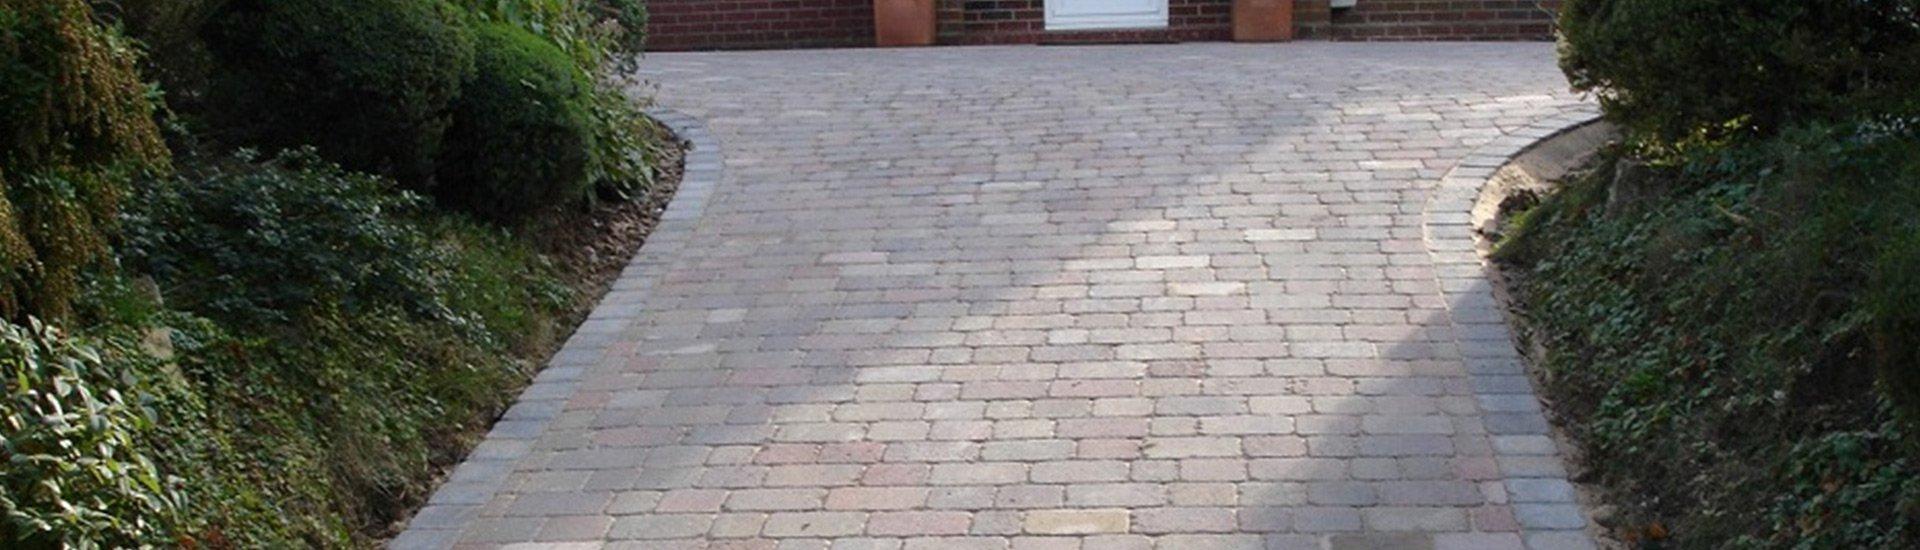 grey tiled driveway